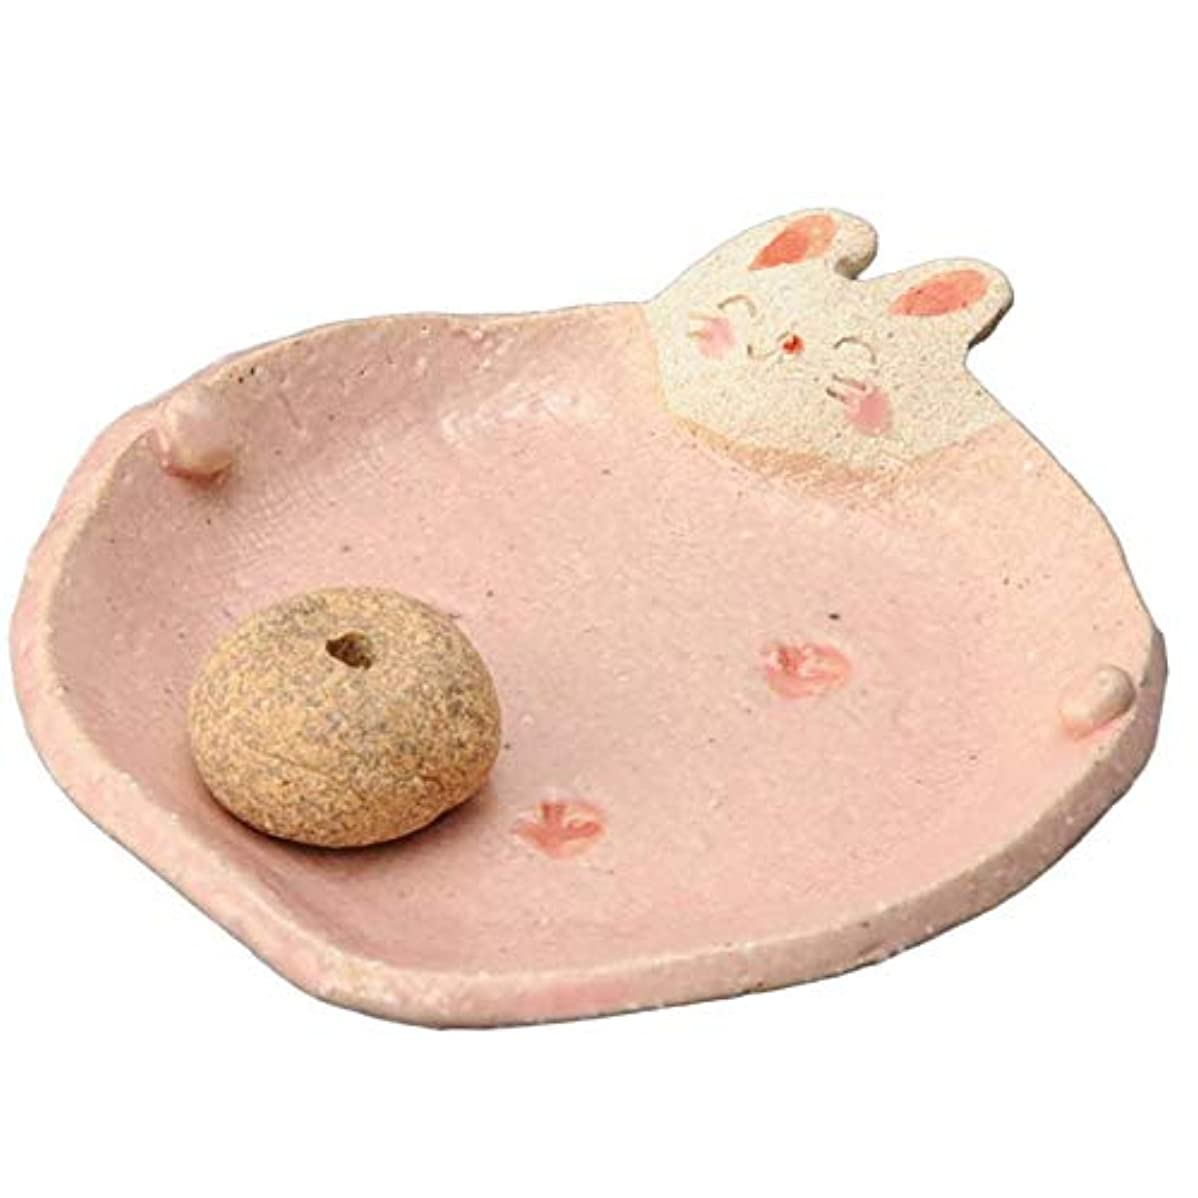 米ドルギャロップ恐れる手造り 香皿 香立て/ふっくら 香皿(ウサギ) /香り アロマ 癒やし リラックス インテリア プレゼント 贈り物